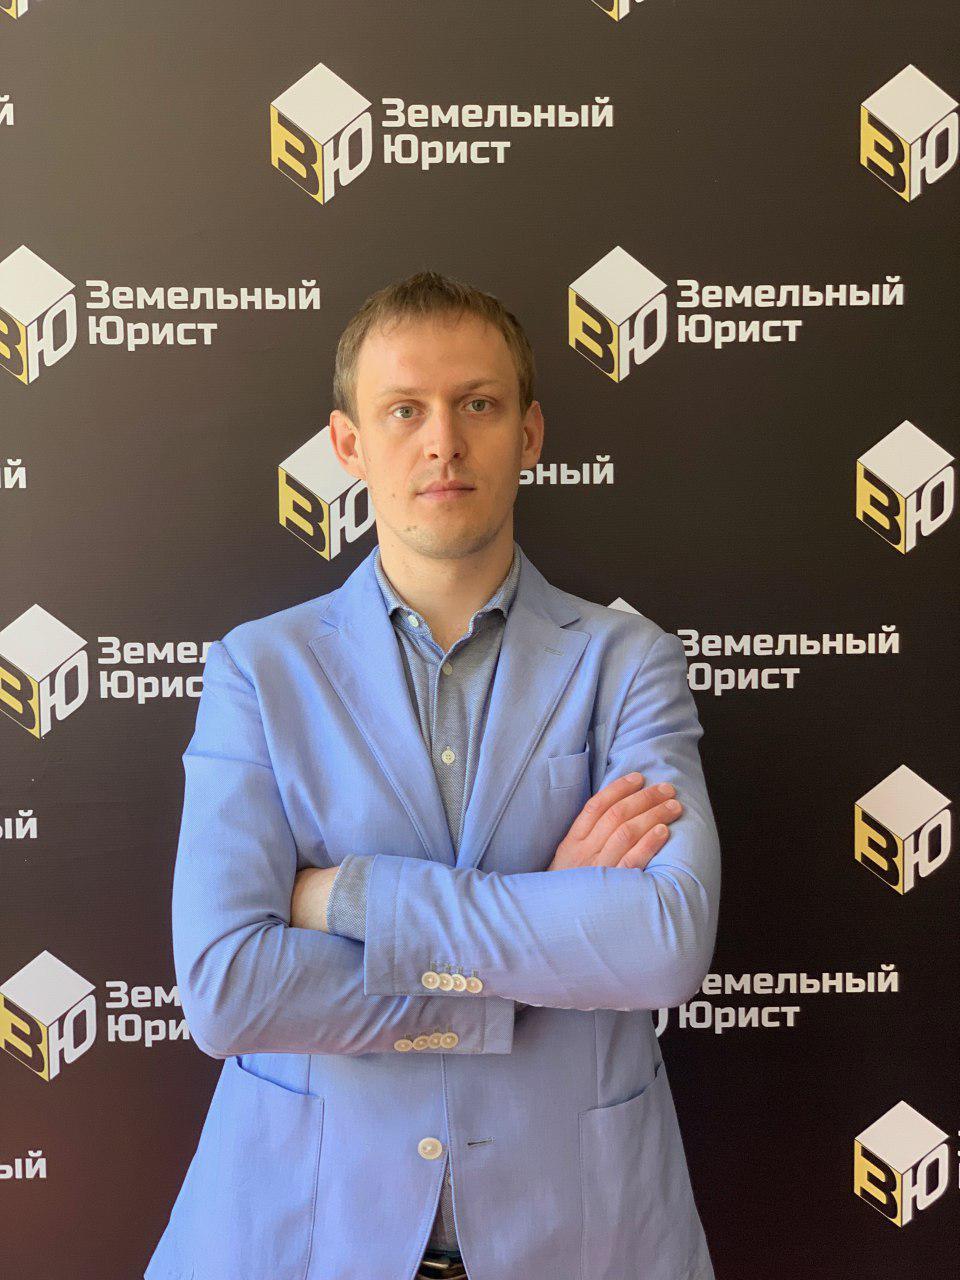 Зольников Александр Юрьевич